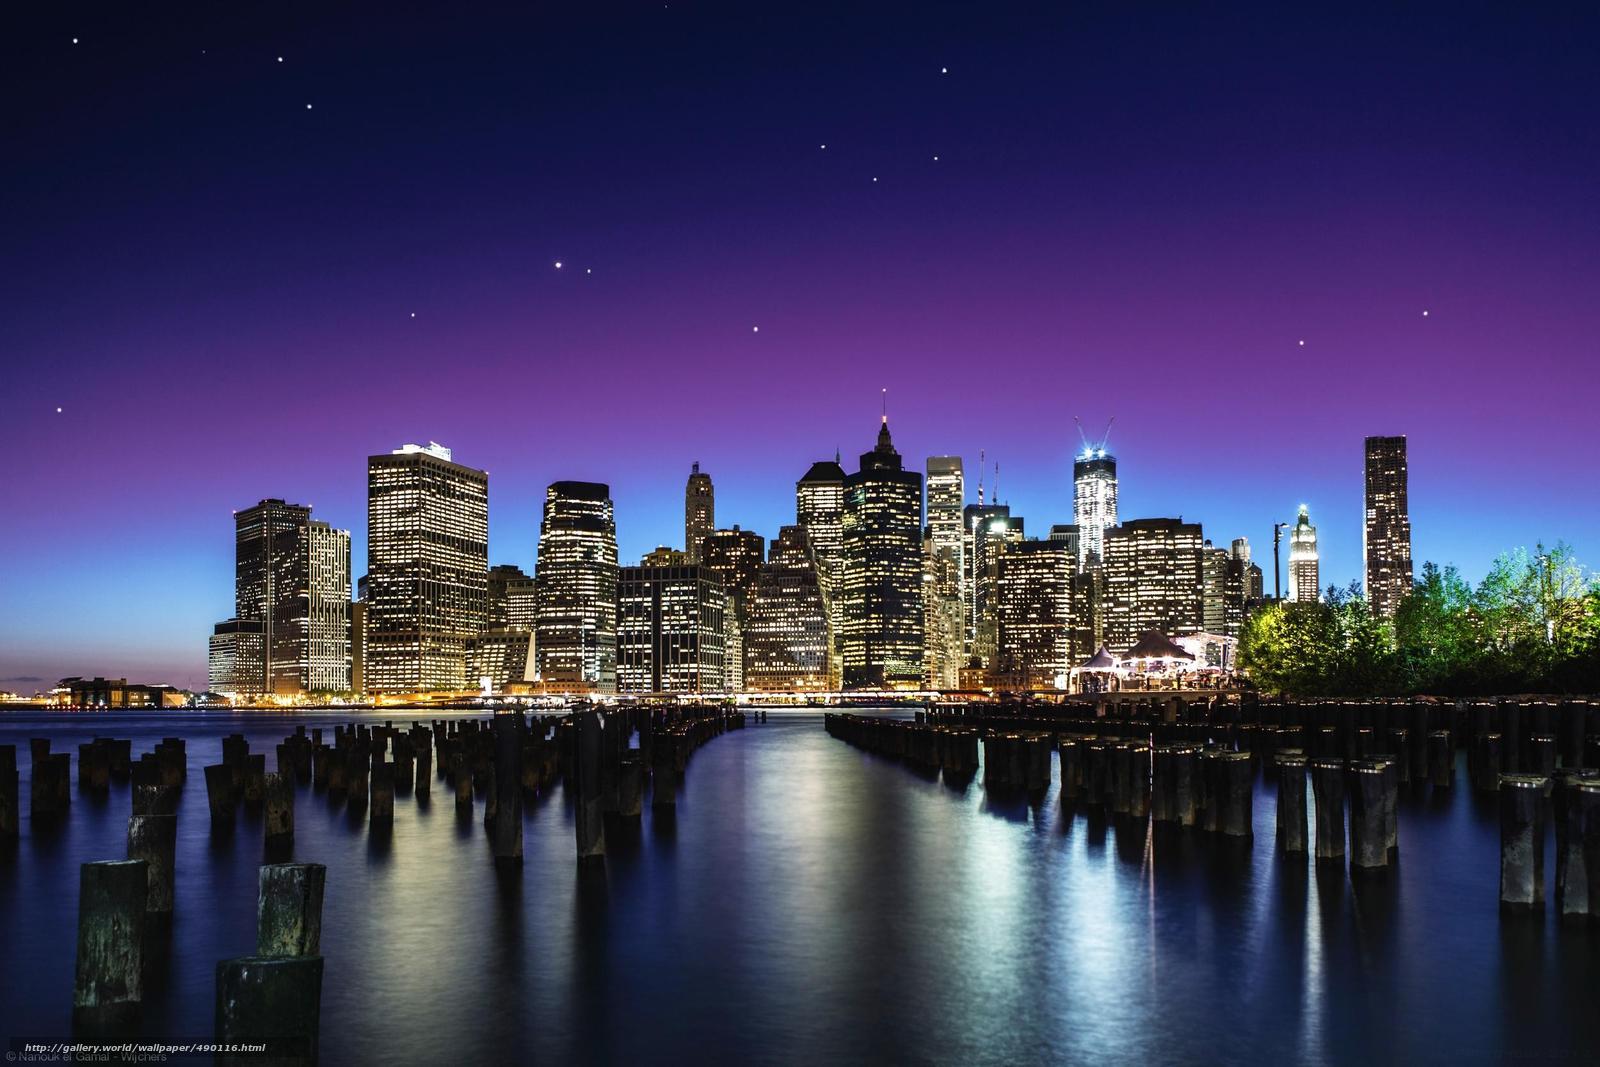 tlcharger fond d 39 ecran ville new york ciel star fonds d 39 ecran gratuits pour votre rsolution. Black Bedroom Furniture Sets. Home Design Ideas